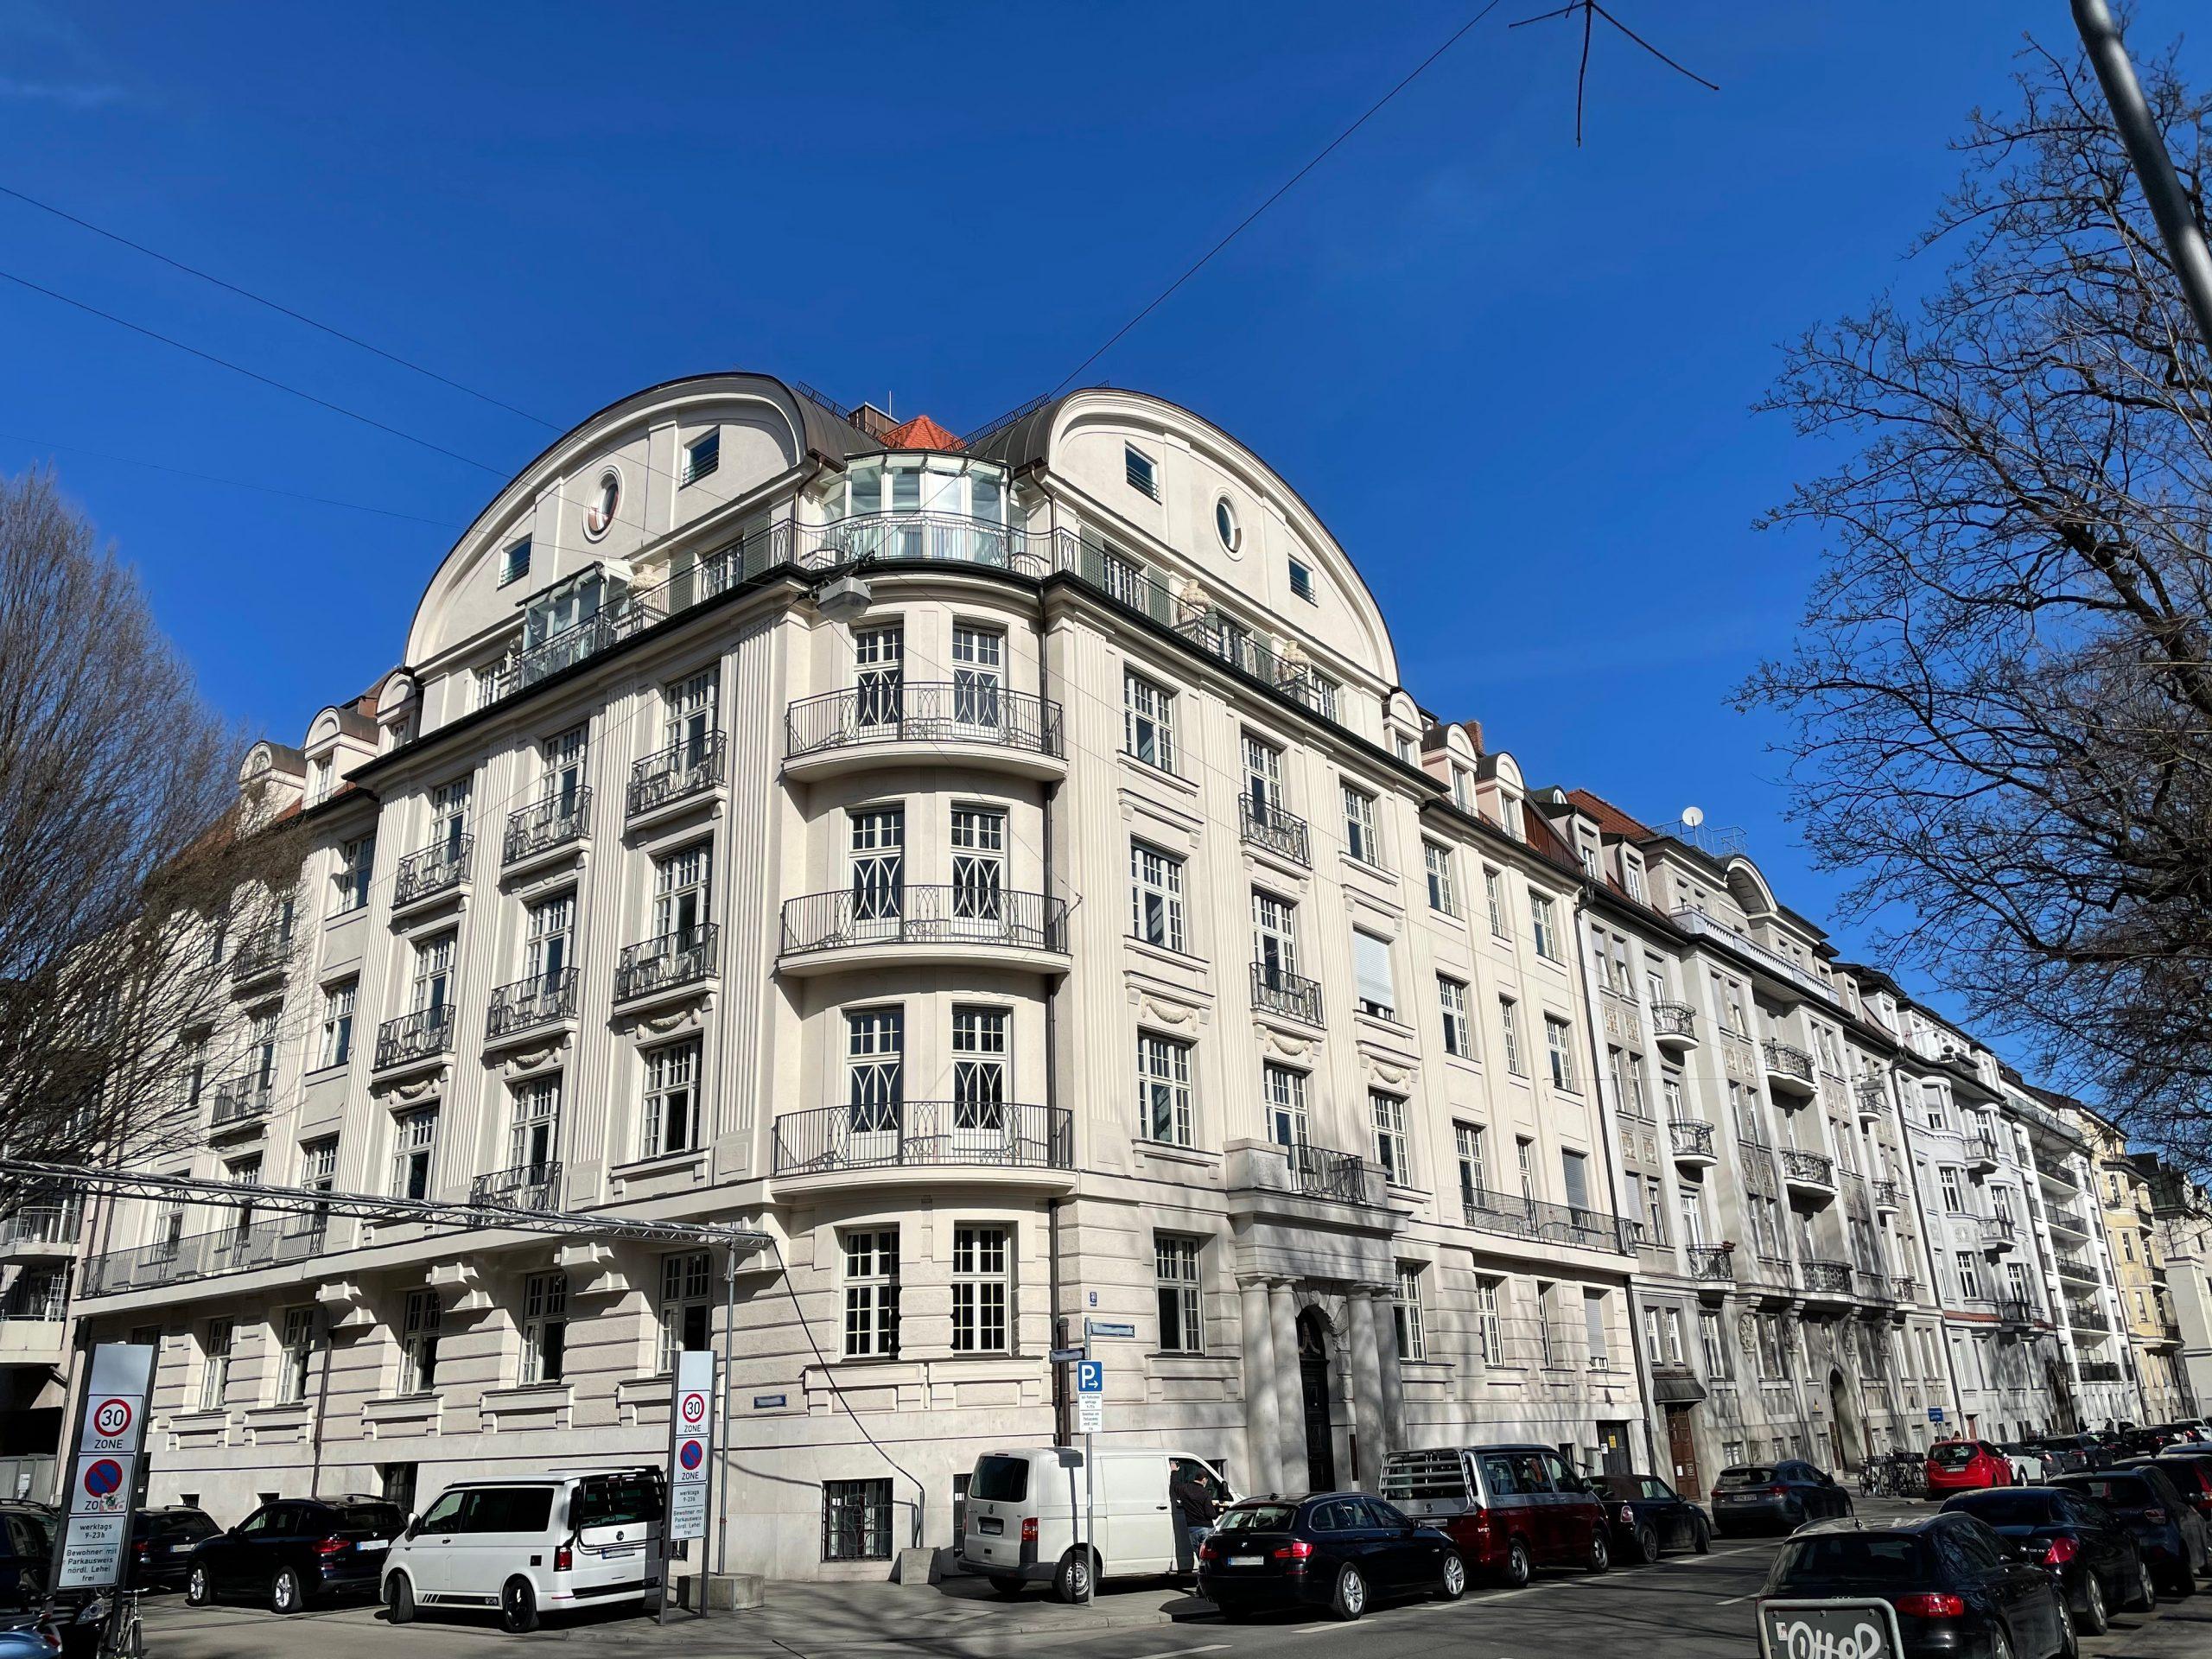 Hausverwaltung Altbau München Lehel